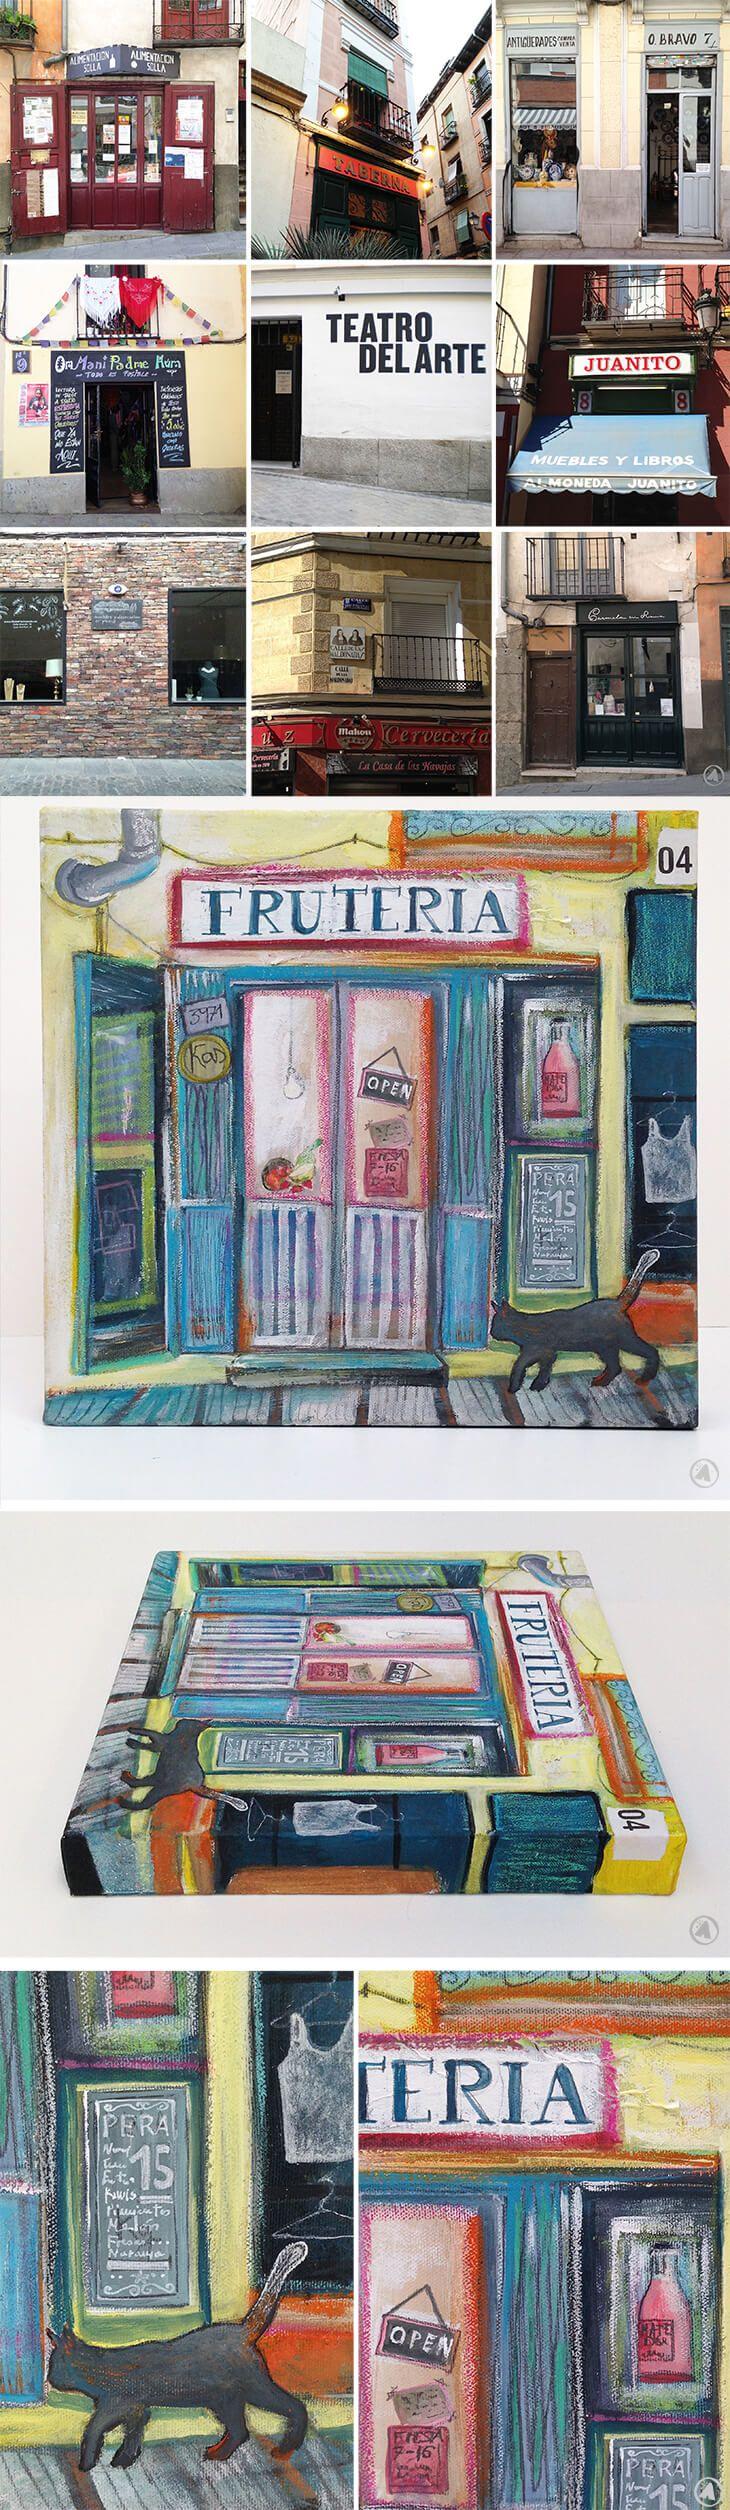 De kleine winkels..., artikel, schilderijen en foto's over de kleine Spaanse winkels van Angeles Nieto voor AngelesEarth.com